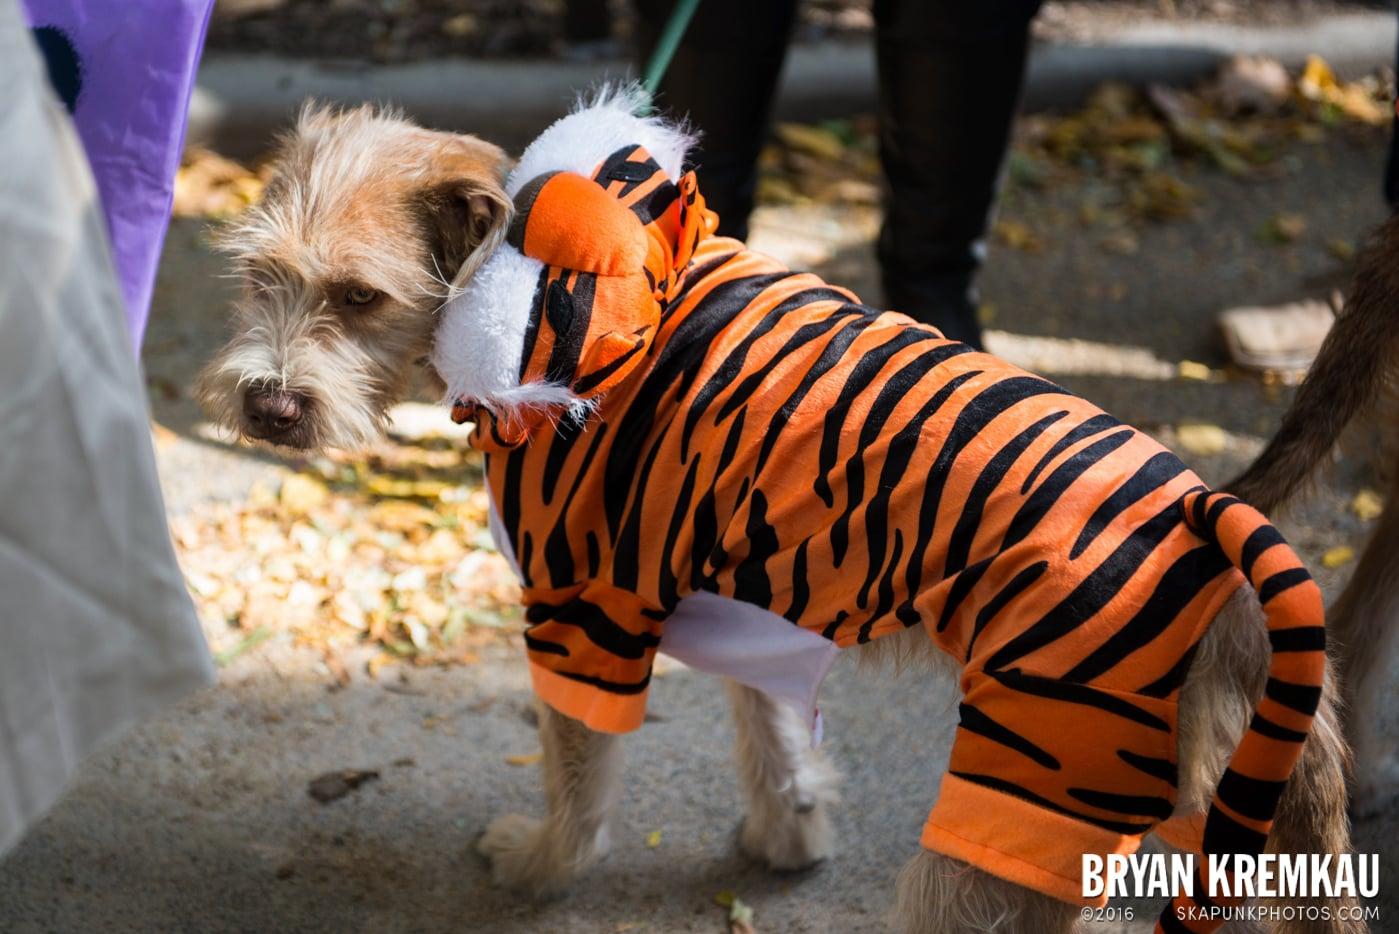 Tompkins Square Halloween Dog Parade 2013 @ Tompkins Square Park, NYC - 10.26.13 (42)